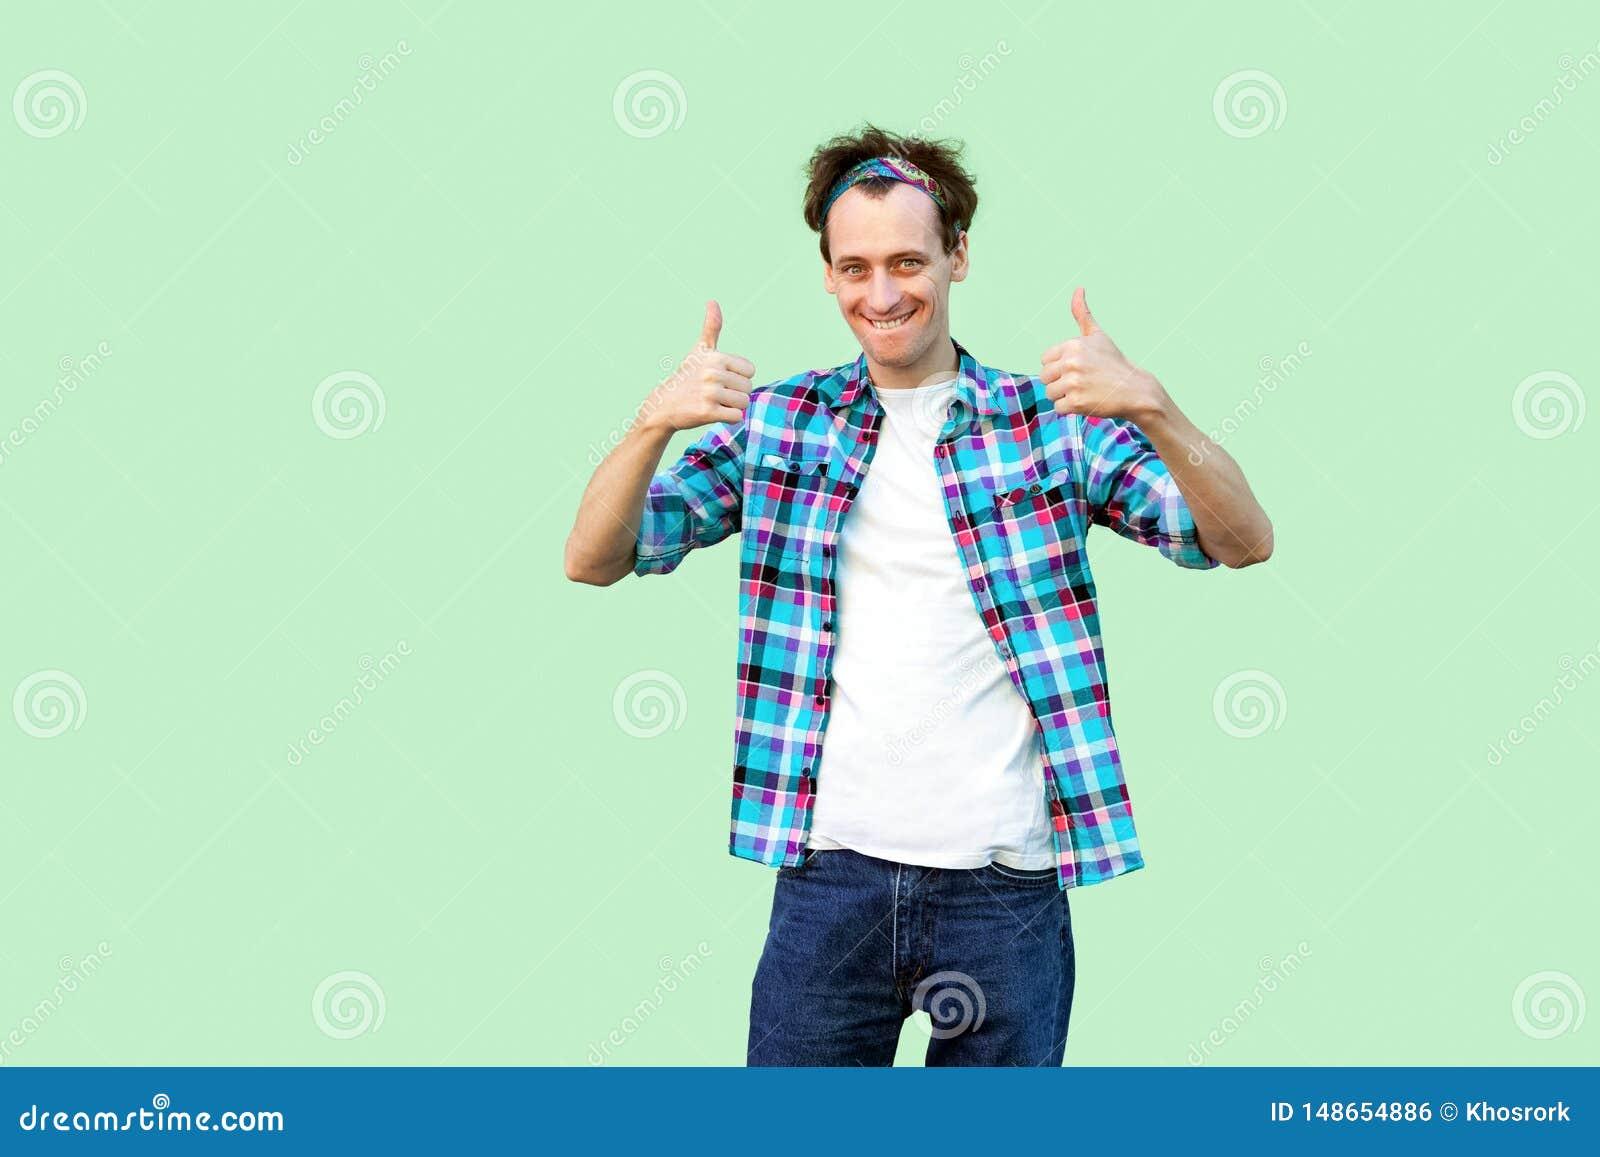 Retrato do homem novo satisfeito na posi??o quadriculado azul ocasional da camisa e da faixa, polegares acima e olhando a c?mera